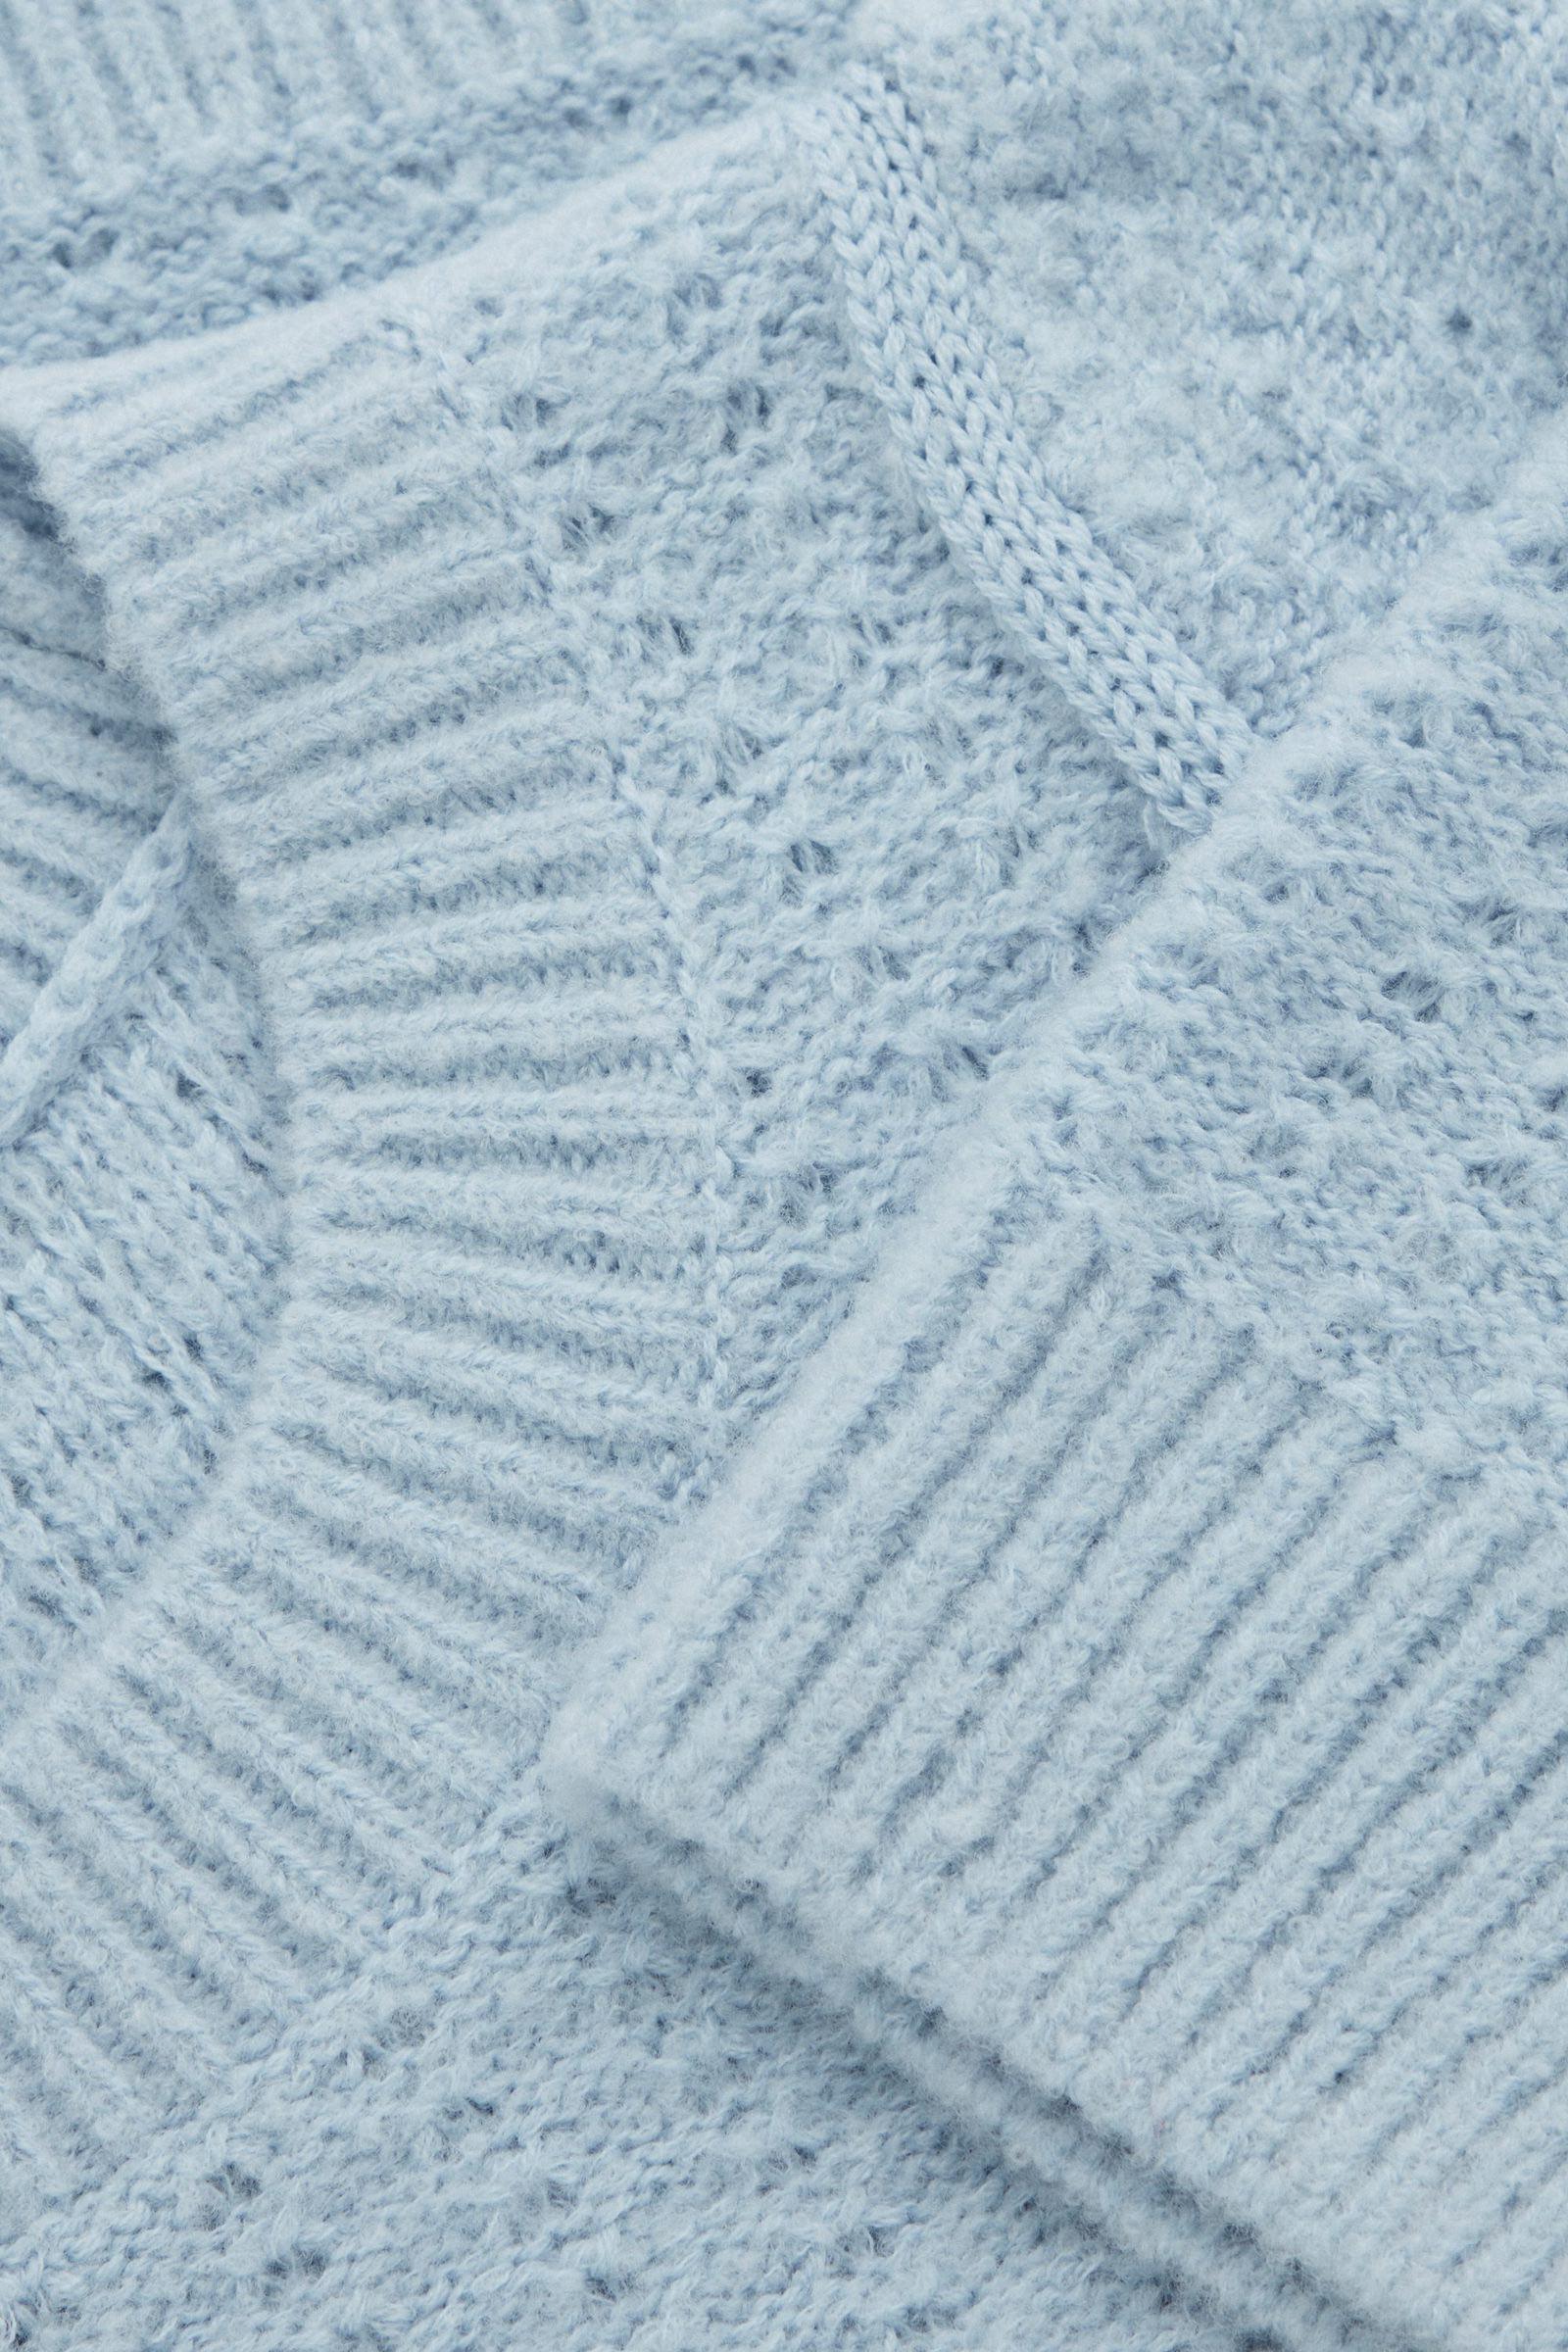 COS 퍼프 슬리브 울 탑의 라이트 블루컬러 Detail입니다.